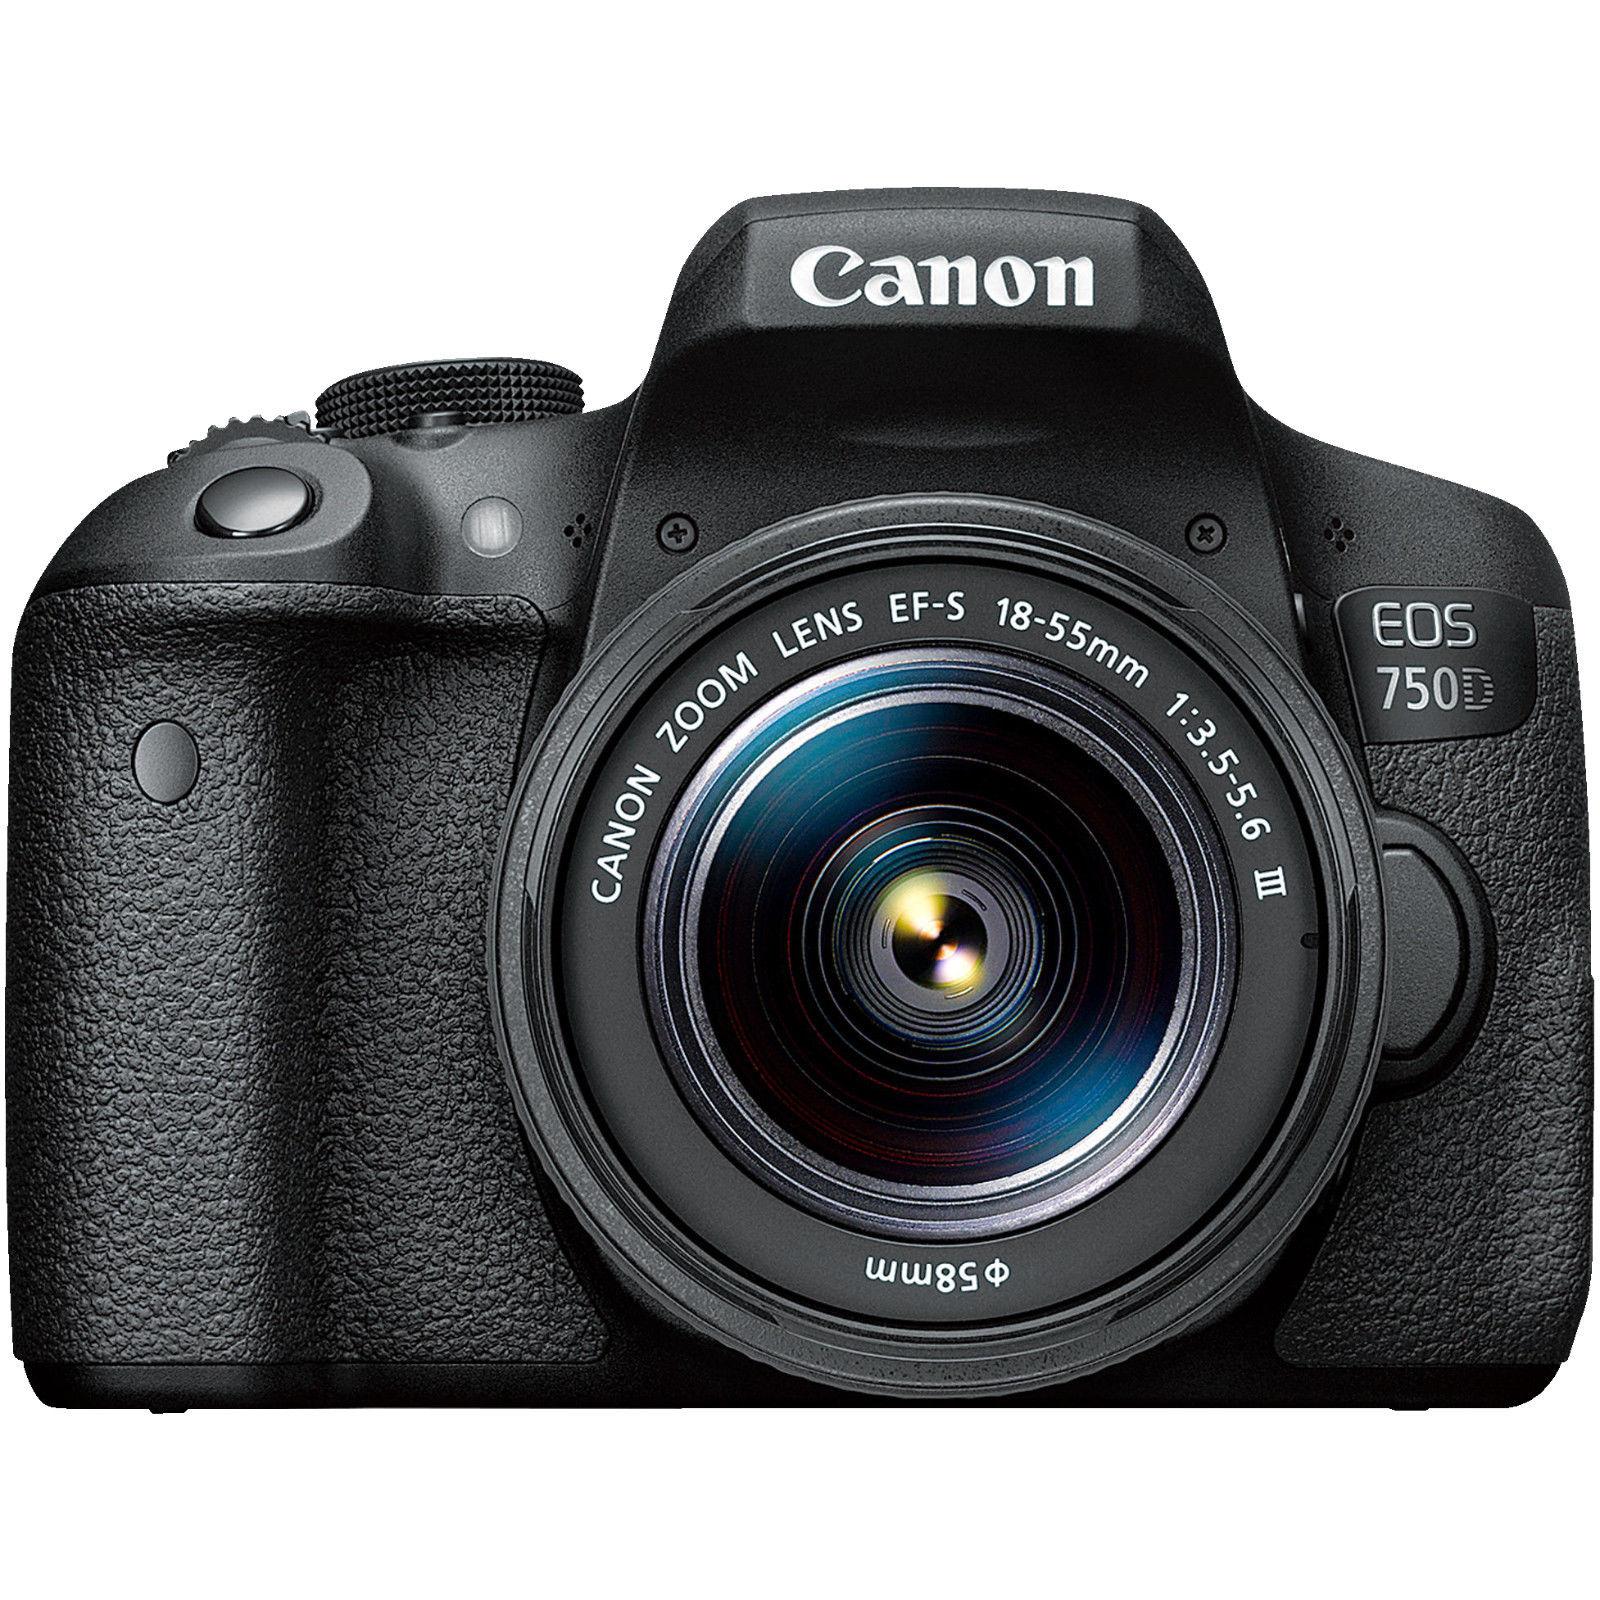 Bild zu Digitale Spiegelreflexkamera Canon EOS 750D als Kit mit dem Objektiv 18-55 III, Kameratasche und 16 GB Speicherkarte für 444€